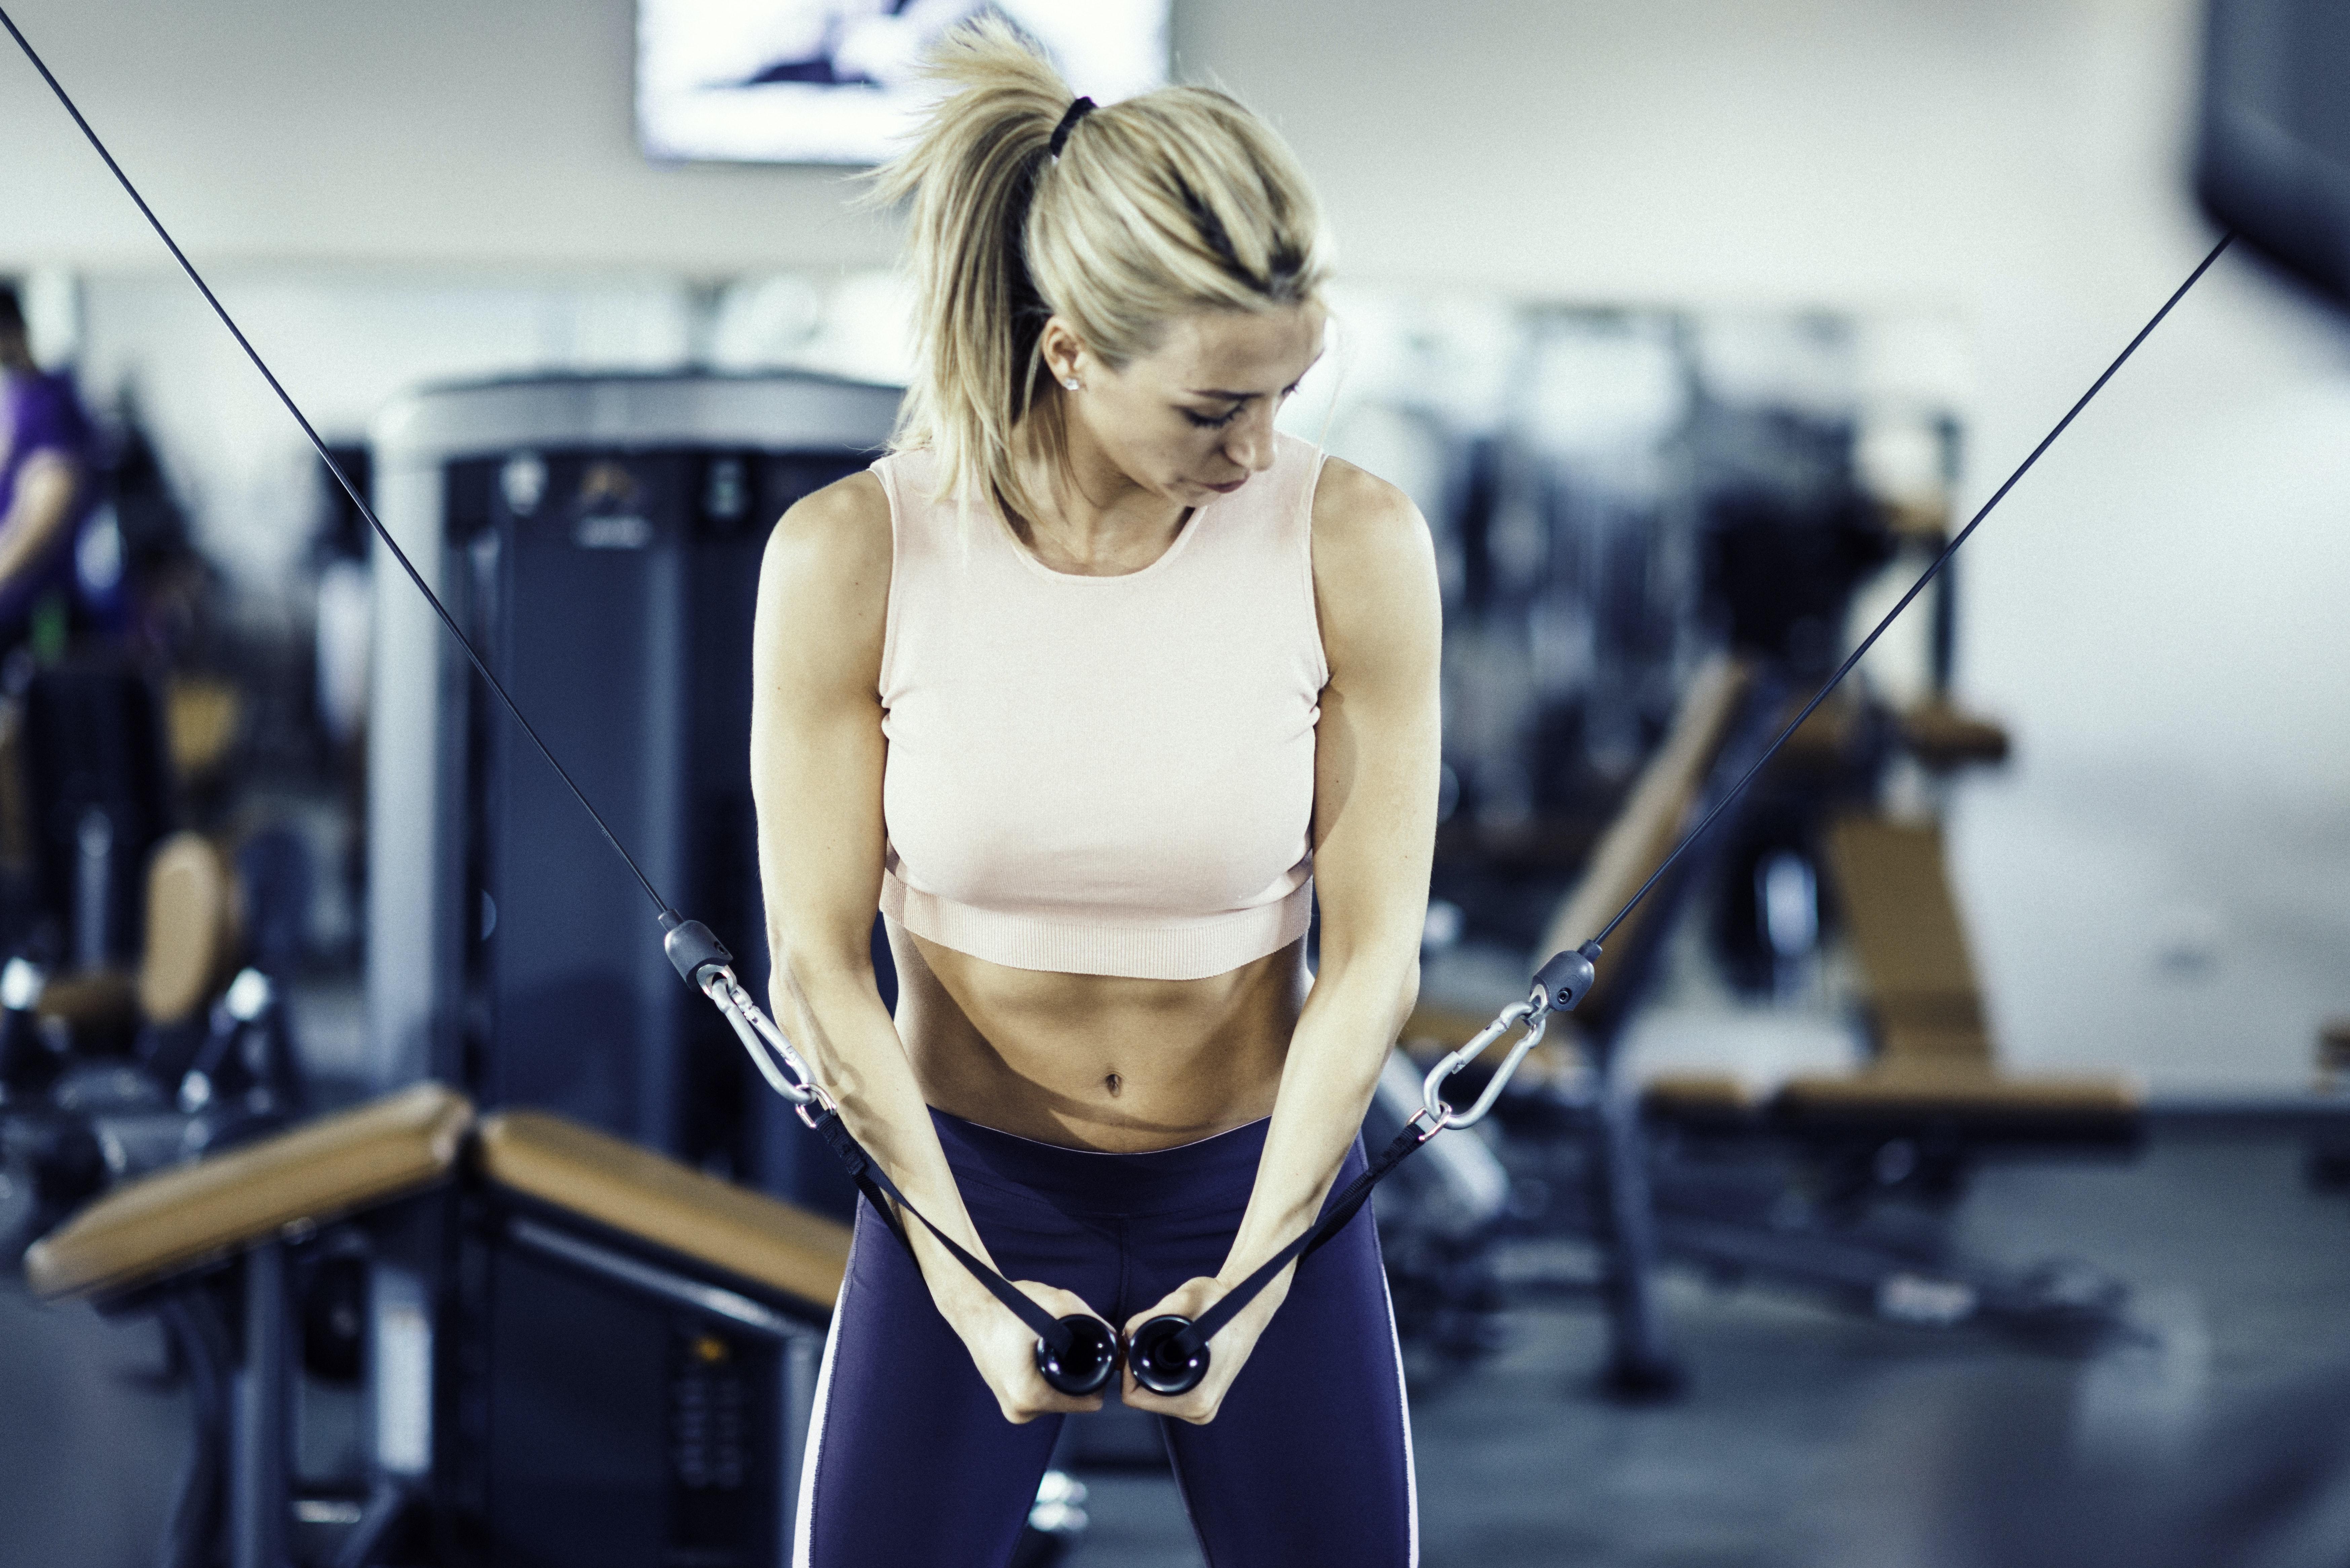 hvad gør træning ved kroppen